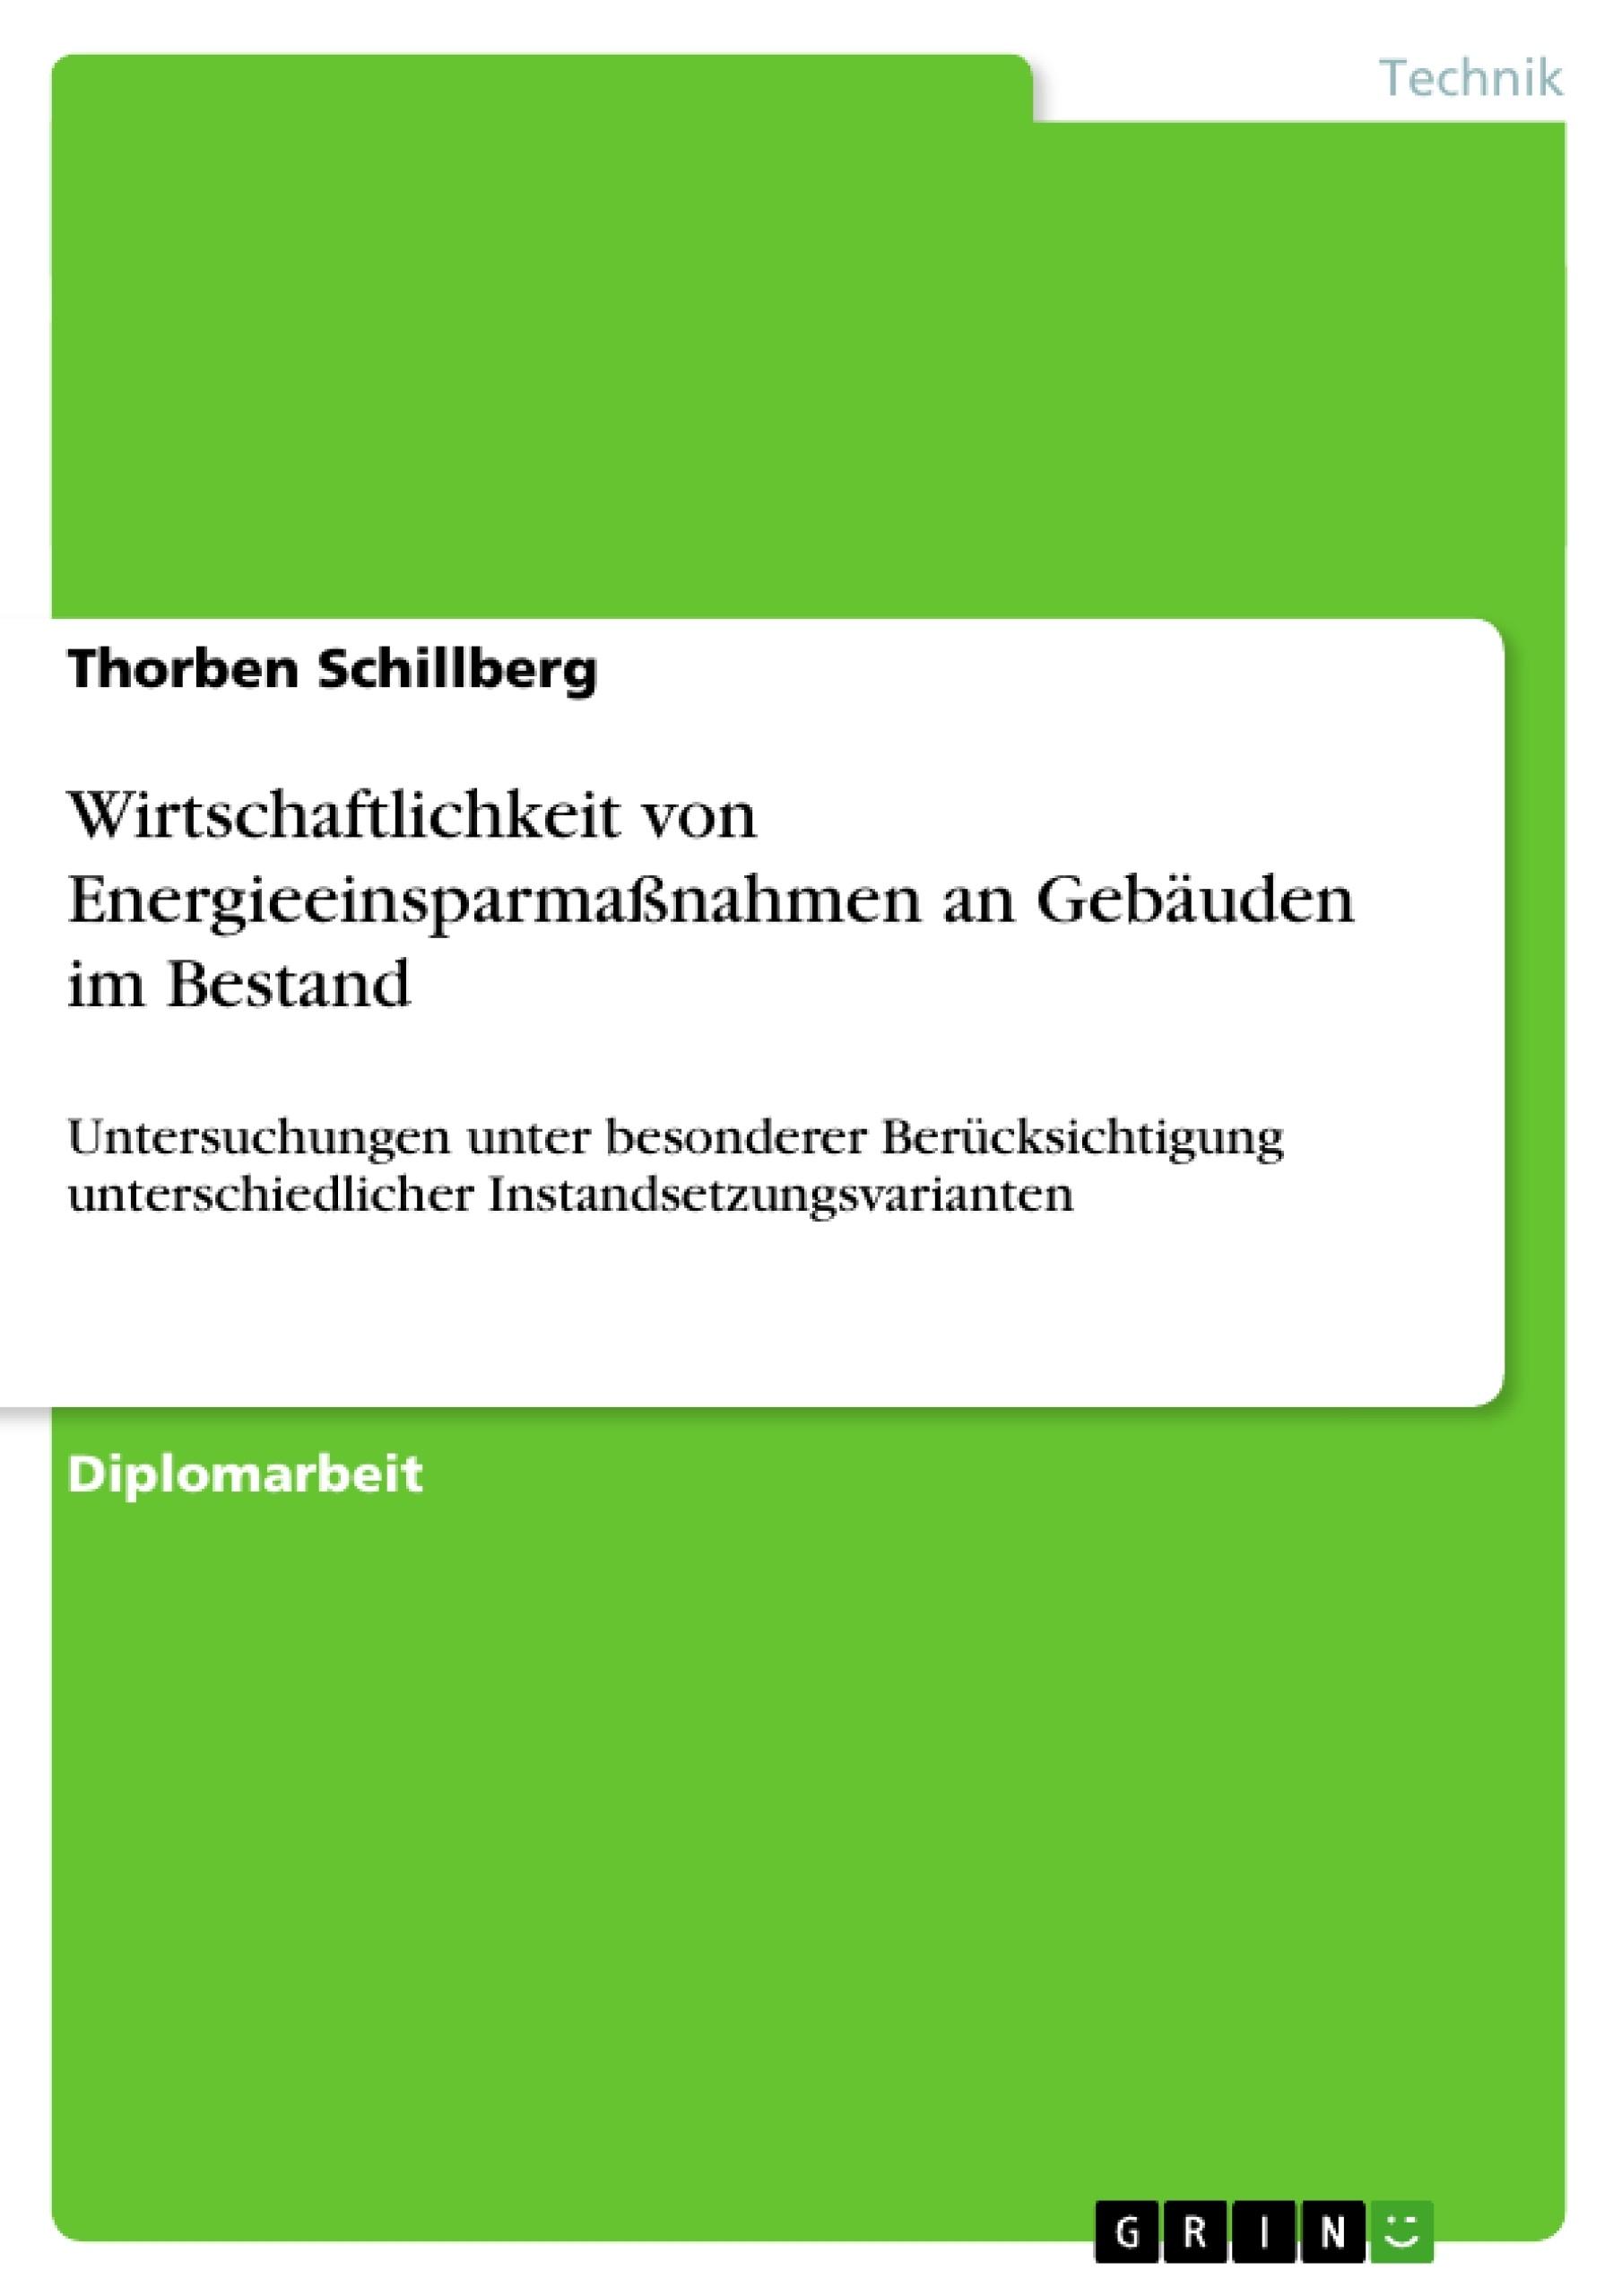 Titel: Wirtschaftlichkeit von Energieeinsparmaßnahmen an Gebäuden im Bestand